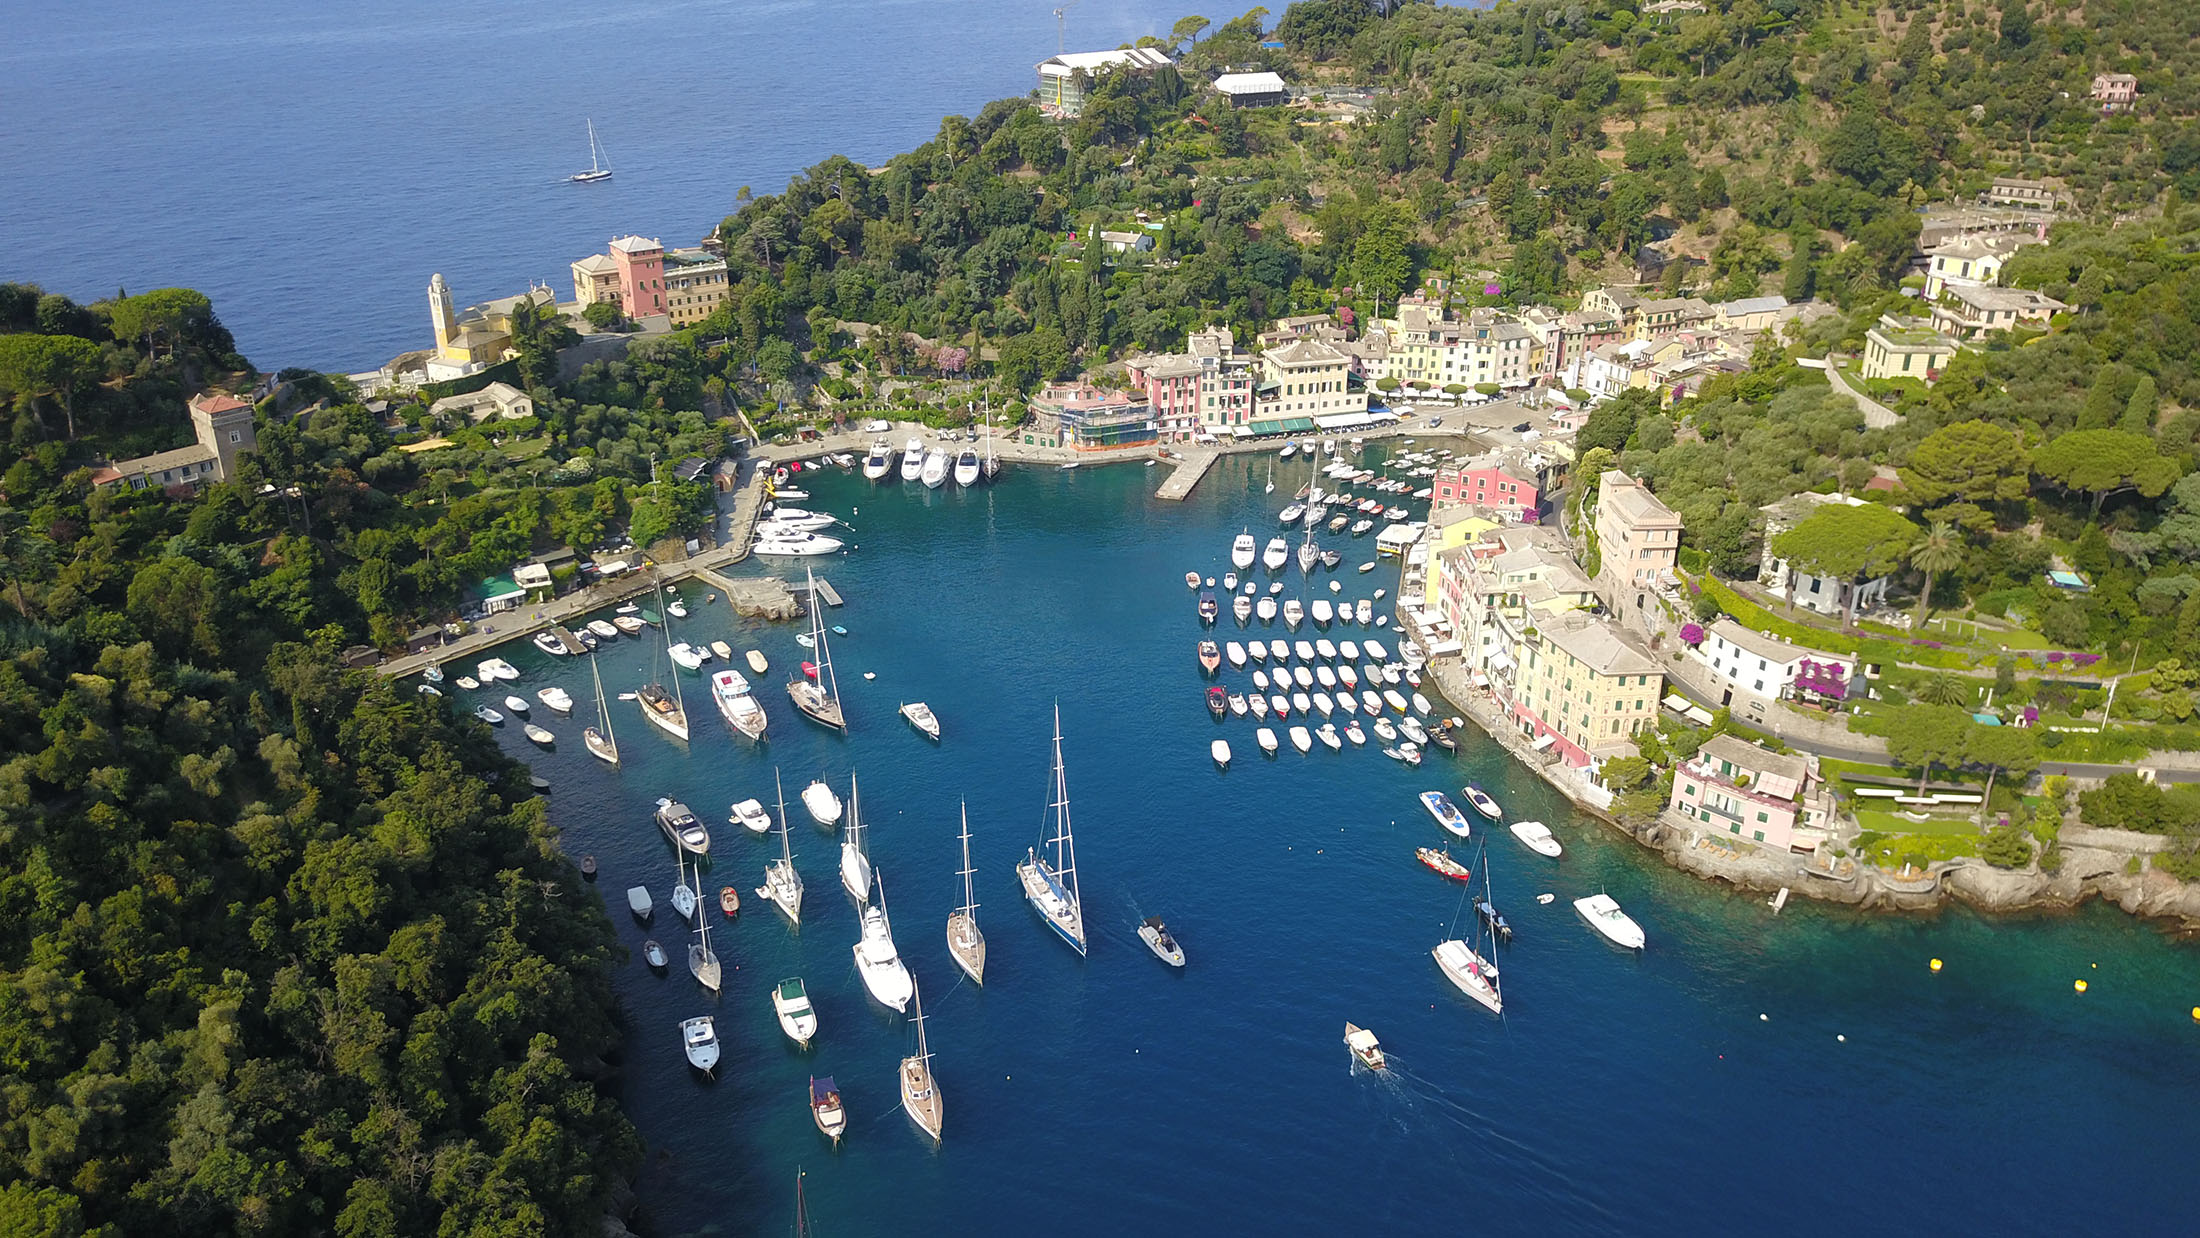 Cesare Charter Portofino - Portofino Wharf